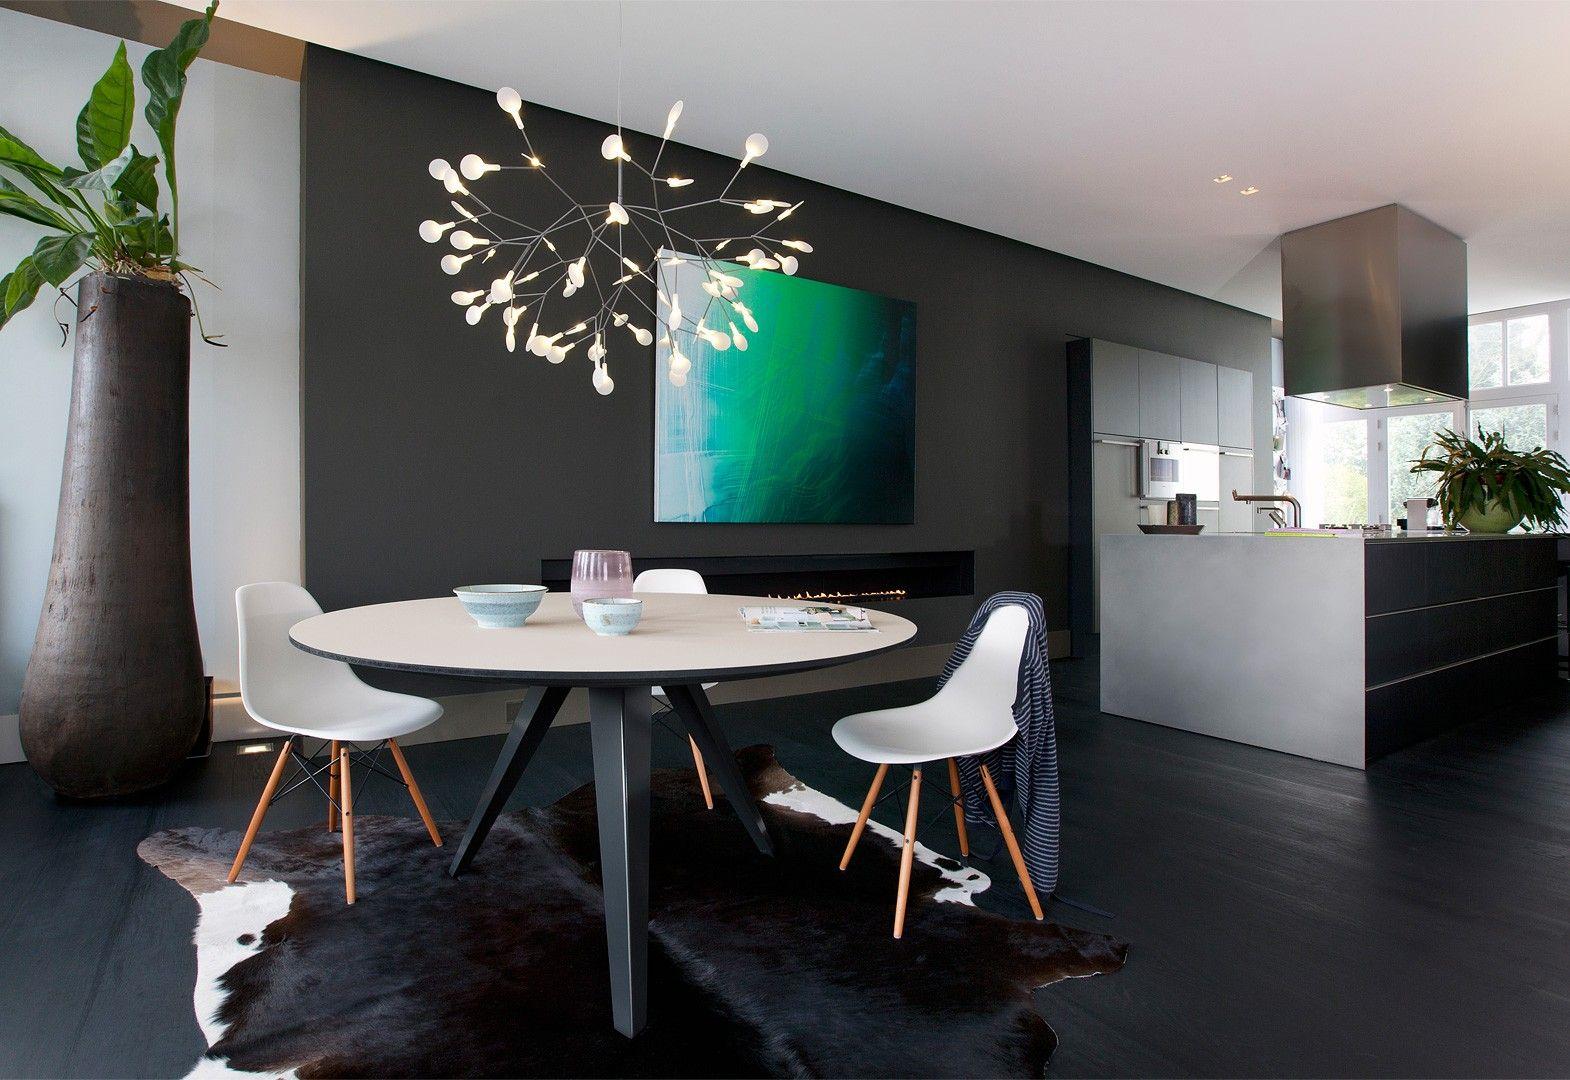 Bekijk de belly een ronde tafel in een modern design met stalen